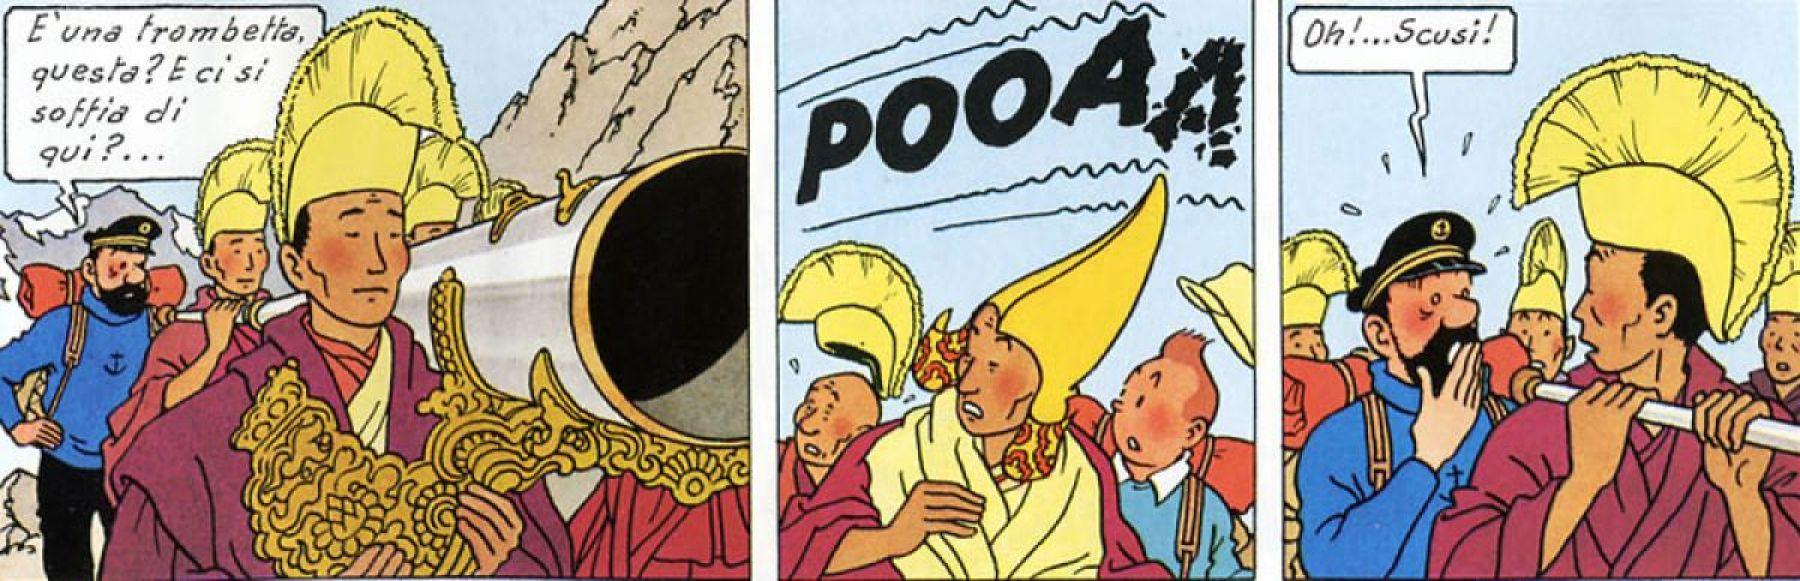 Haddock è perfetto per spezzare la tensione mistica di una processione tibetana